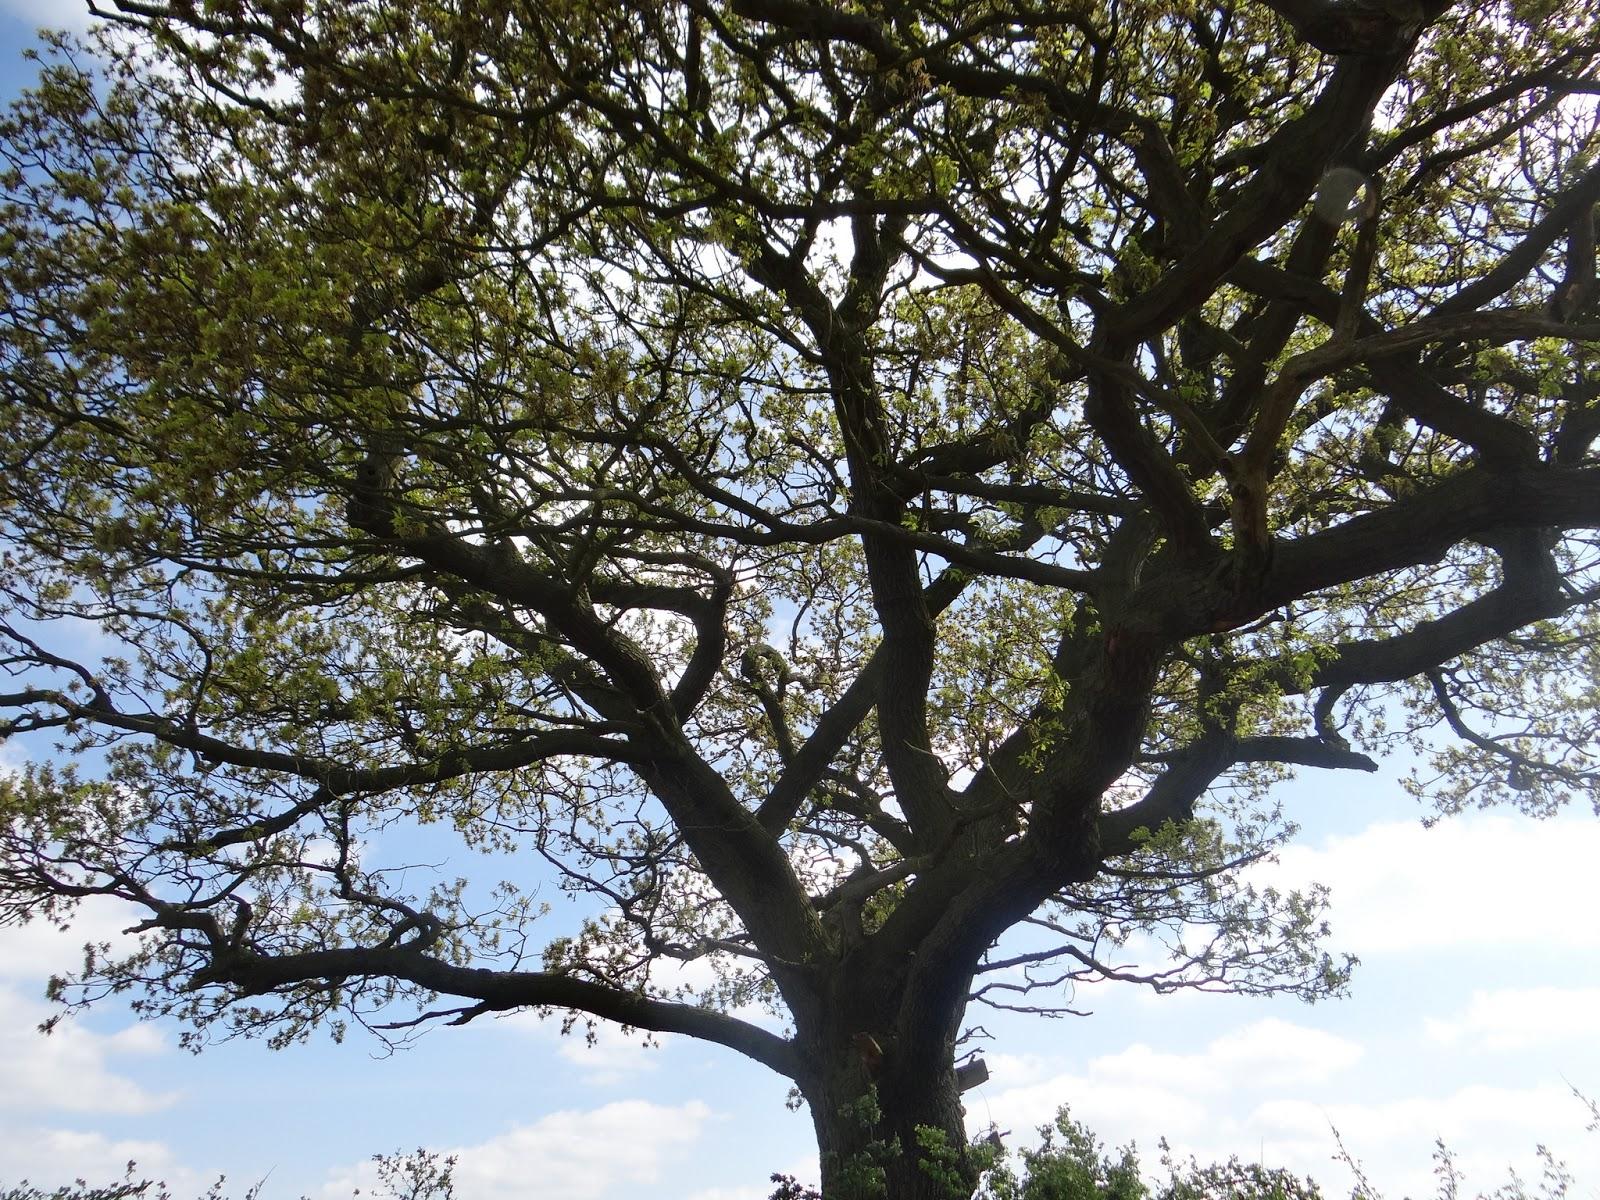 A Big Oak